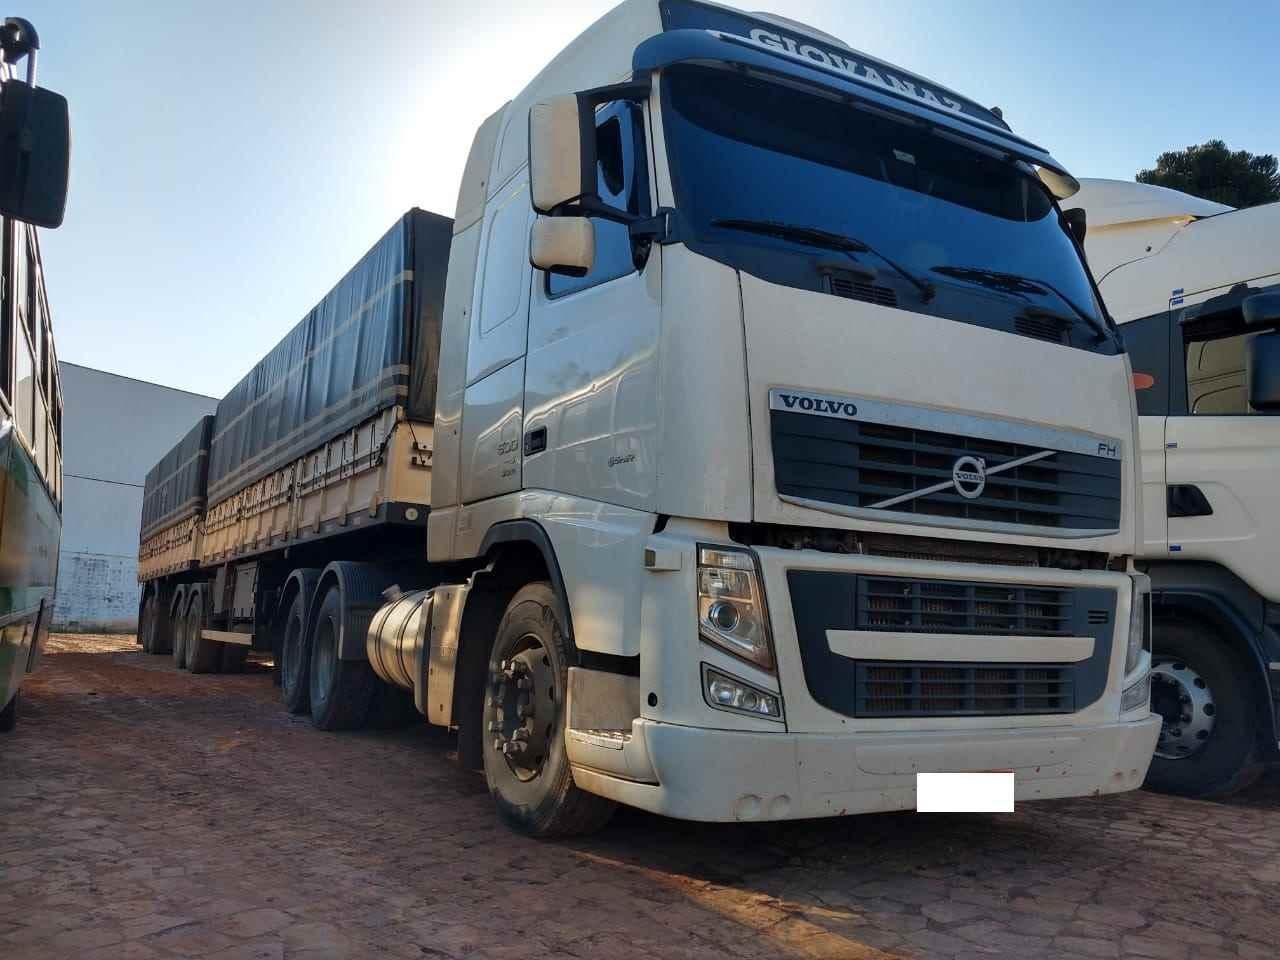 CAMINHAO VOLVO VOLVO FH 500 Graneleiro Traçado 6x4 Transmap Caminhões SANTA ROSA RIO GRANDE DO SUL RS